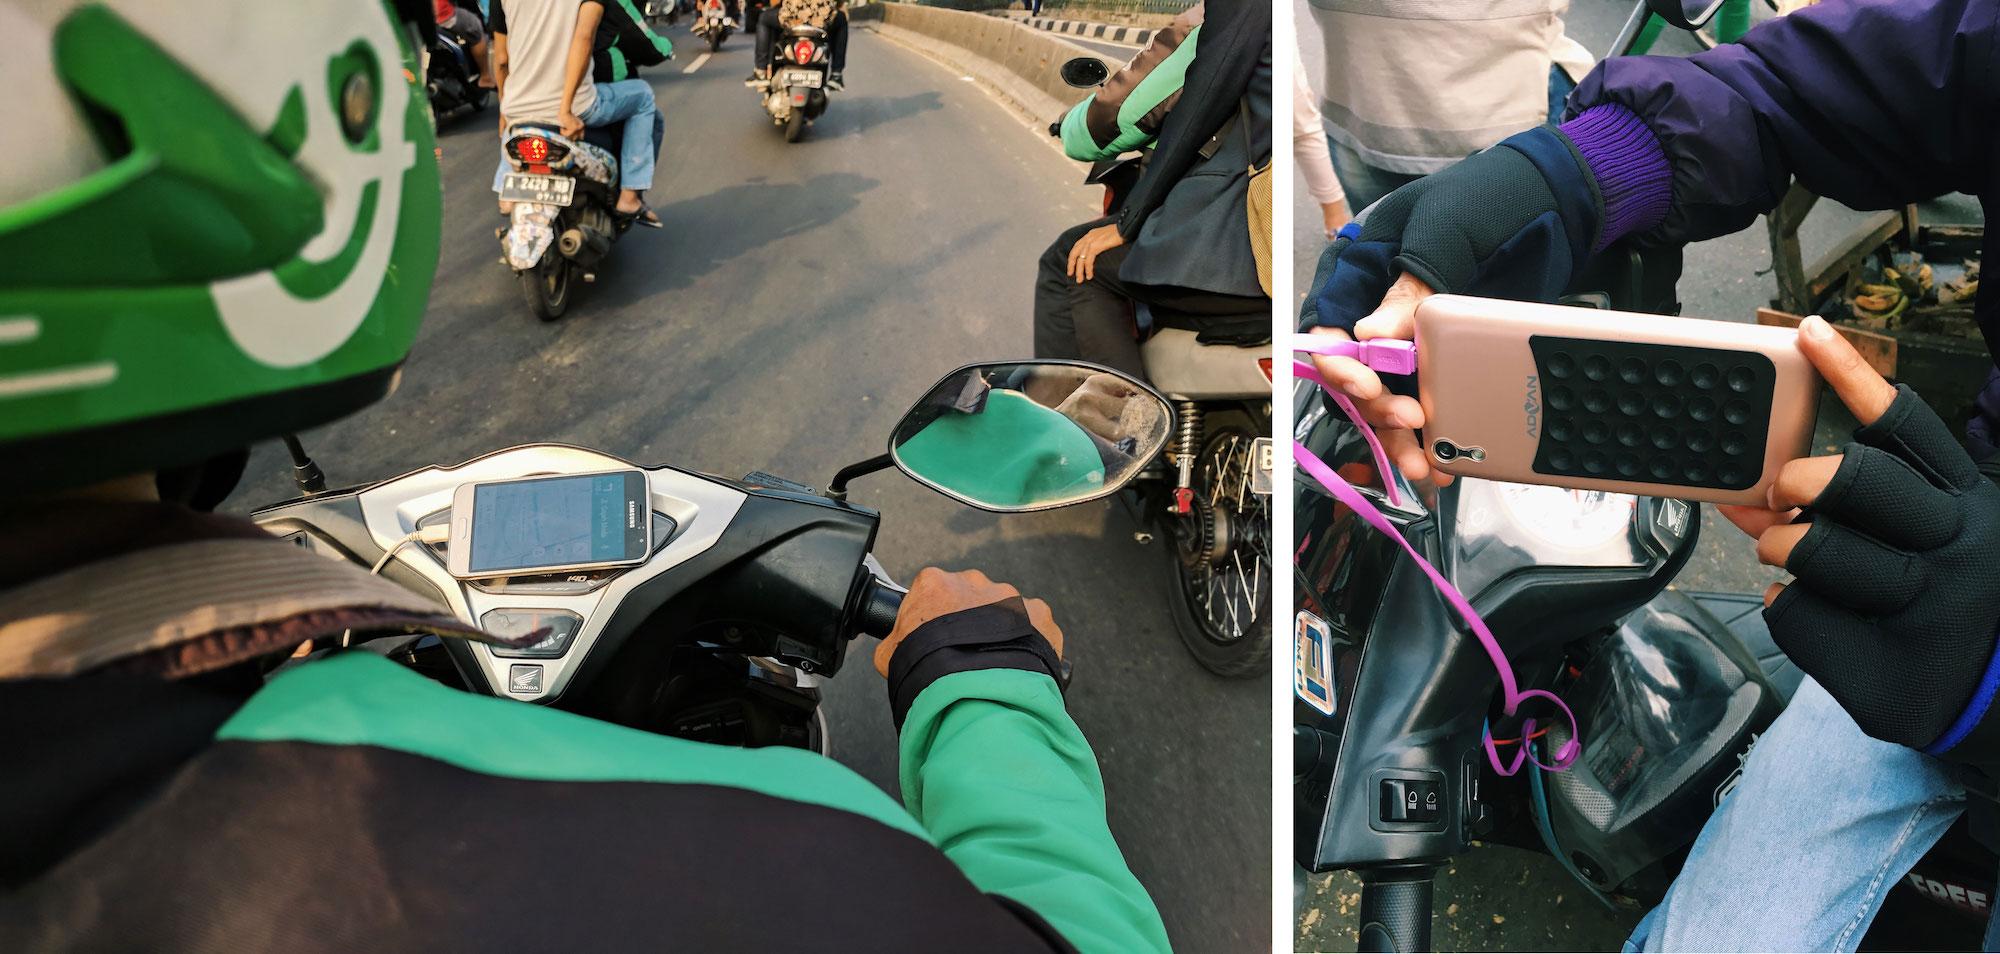 Los conductores de dos ruedas en Yakarta demuestran cómo conectan sus teléfonos a sus motos, ya sea con un soporte para el teléfono (izquierda) o con un dispositivo de succión (derecha).